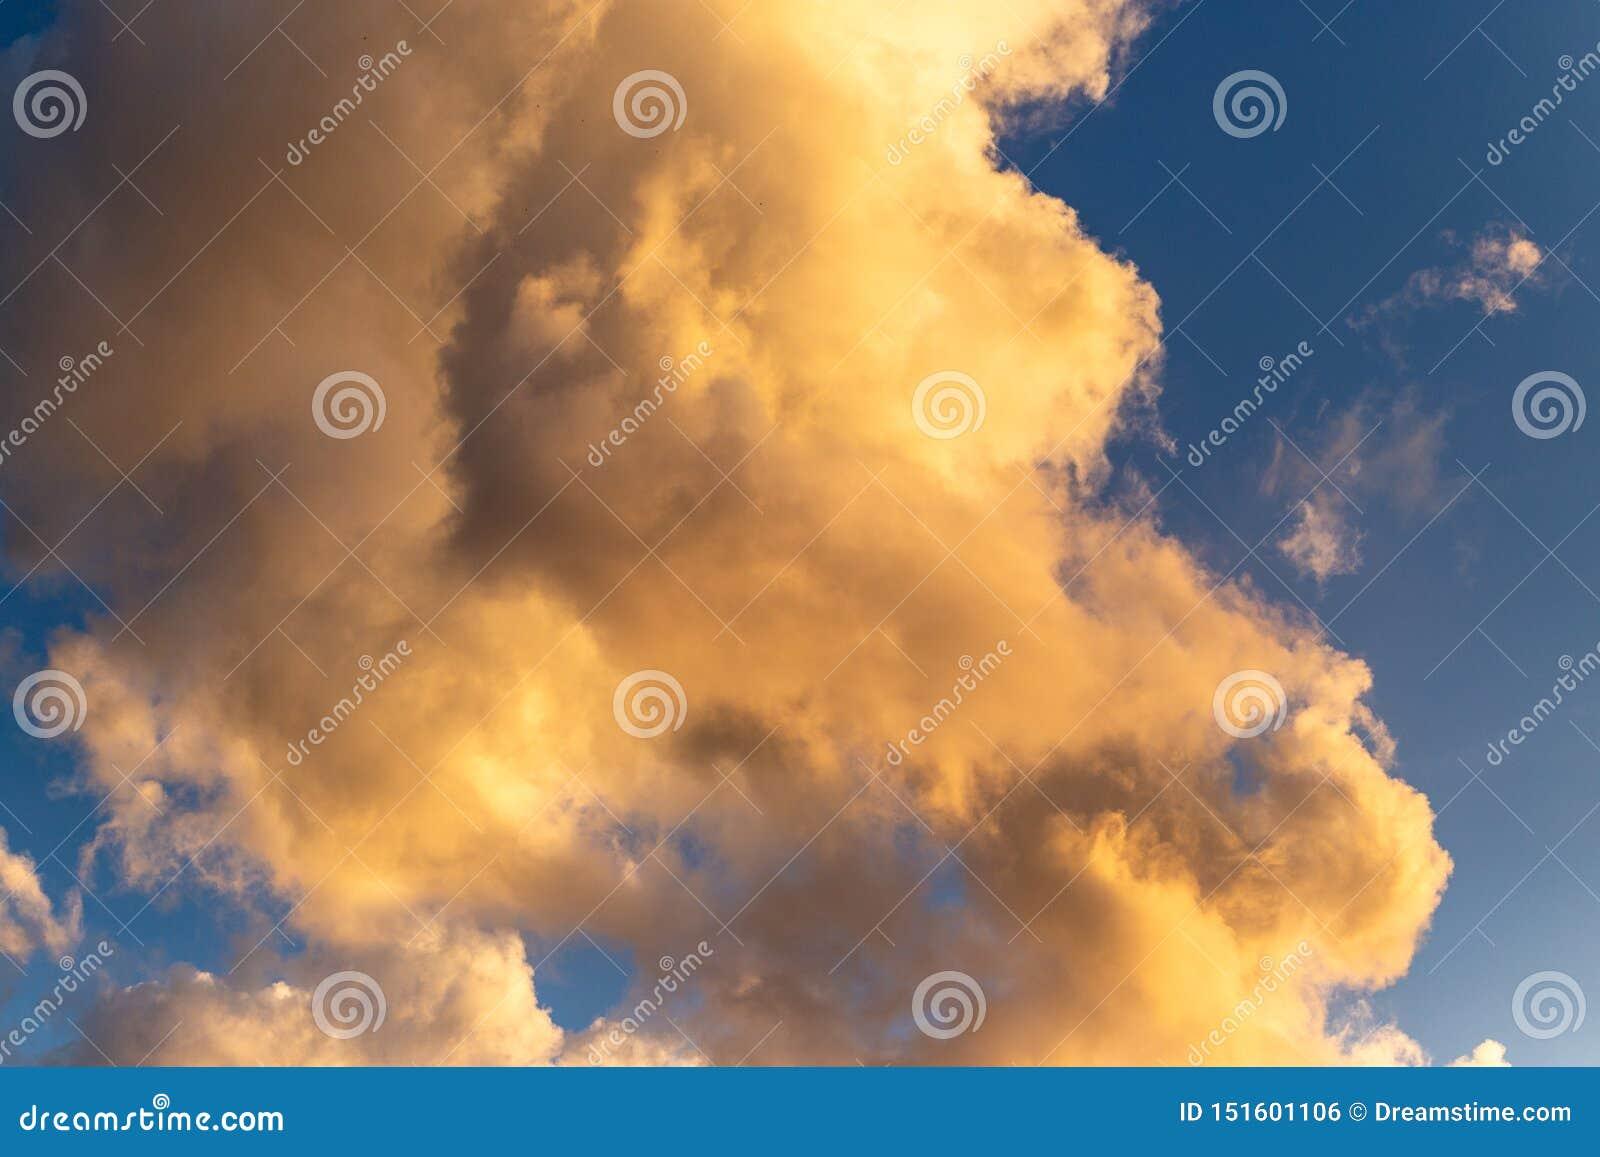 Złota godzina chmurnieje z głębokim błękitnym tłem